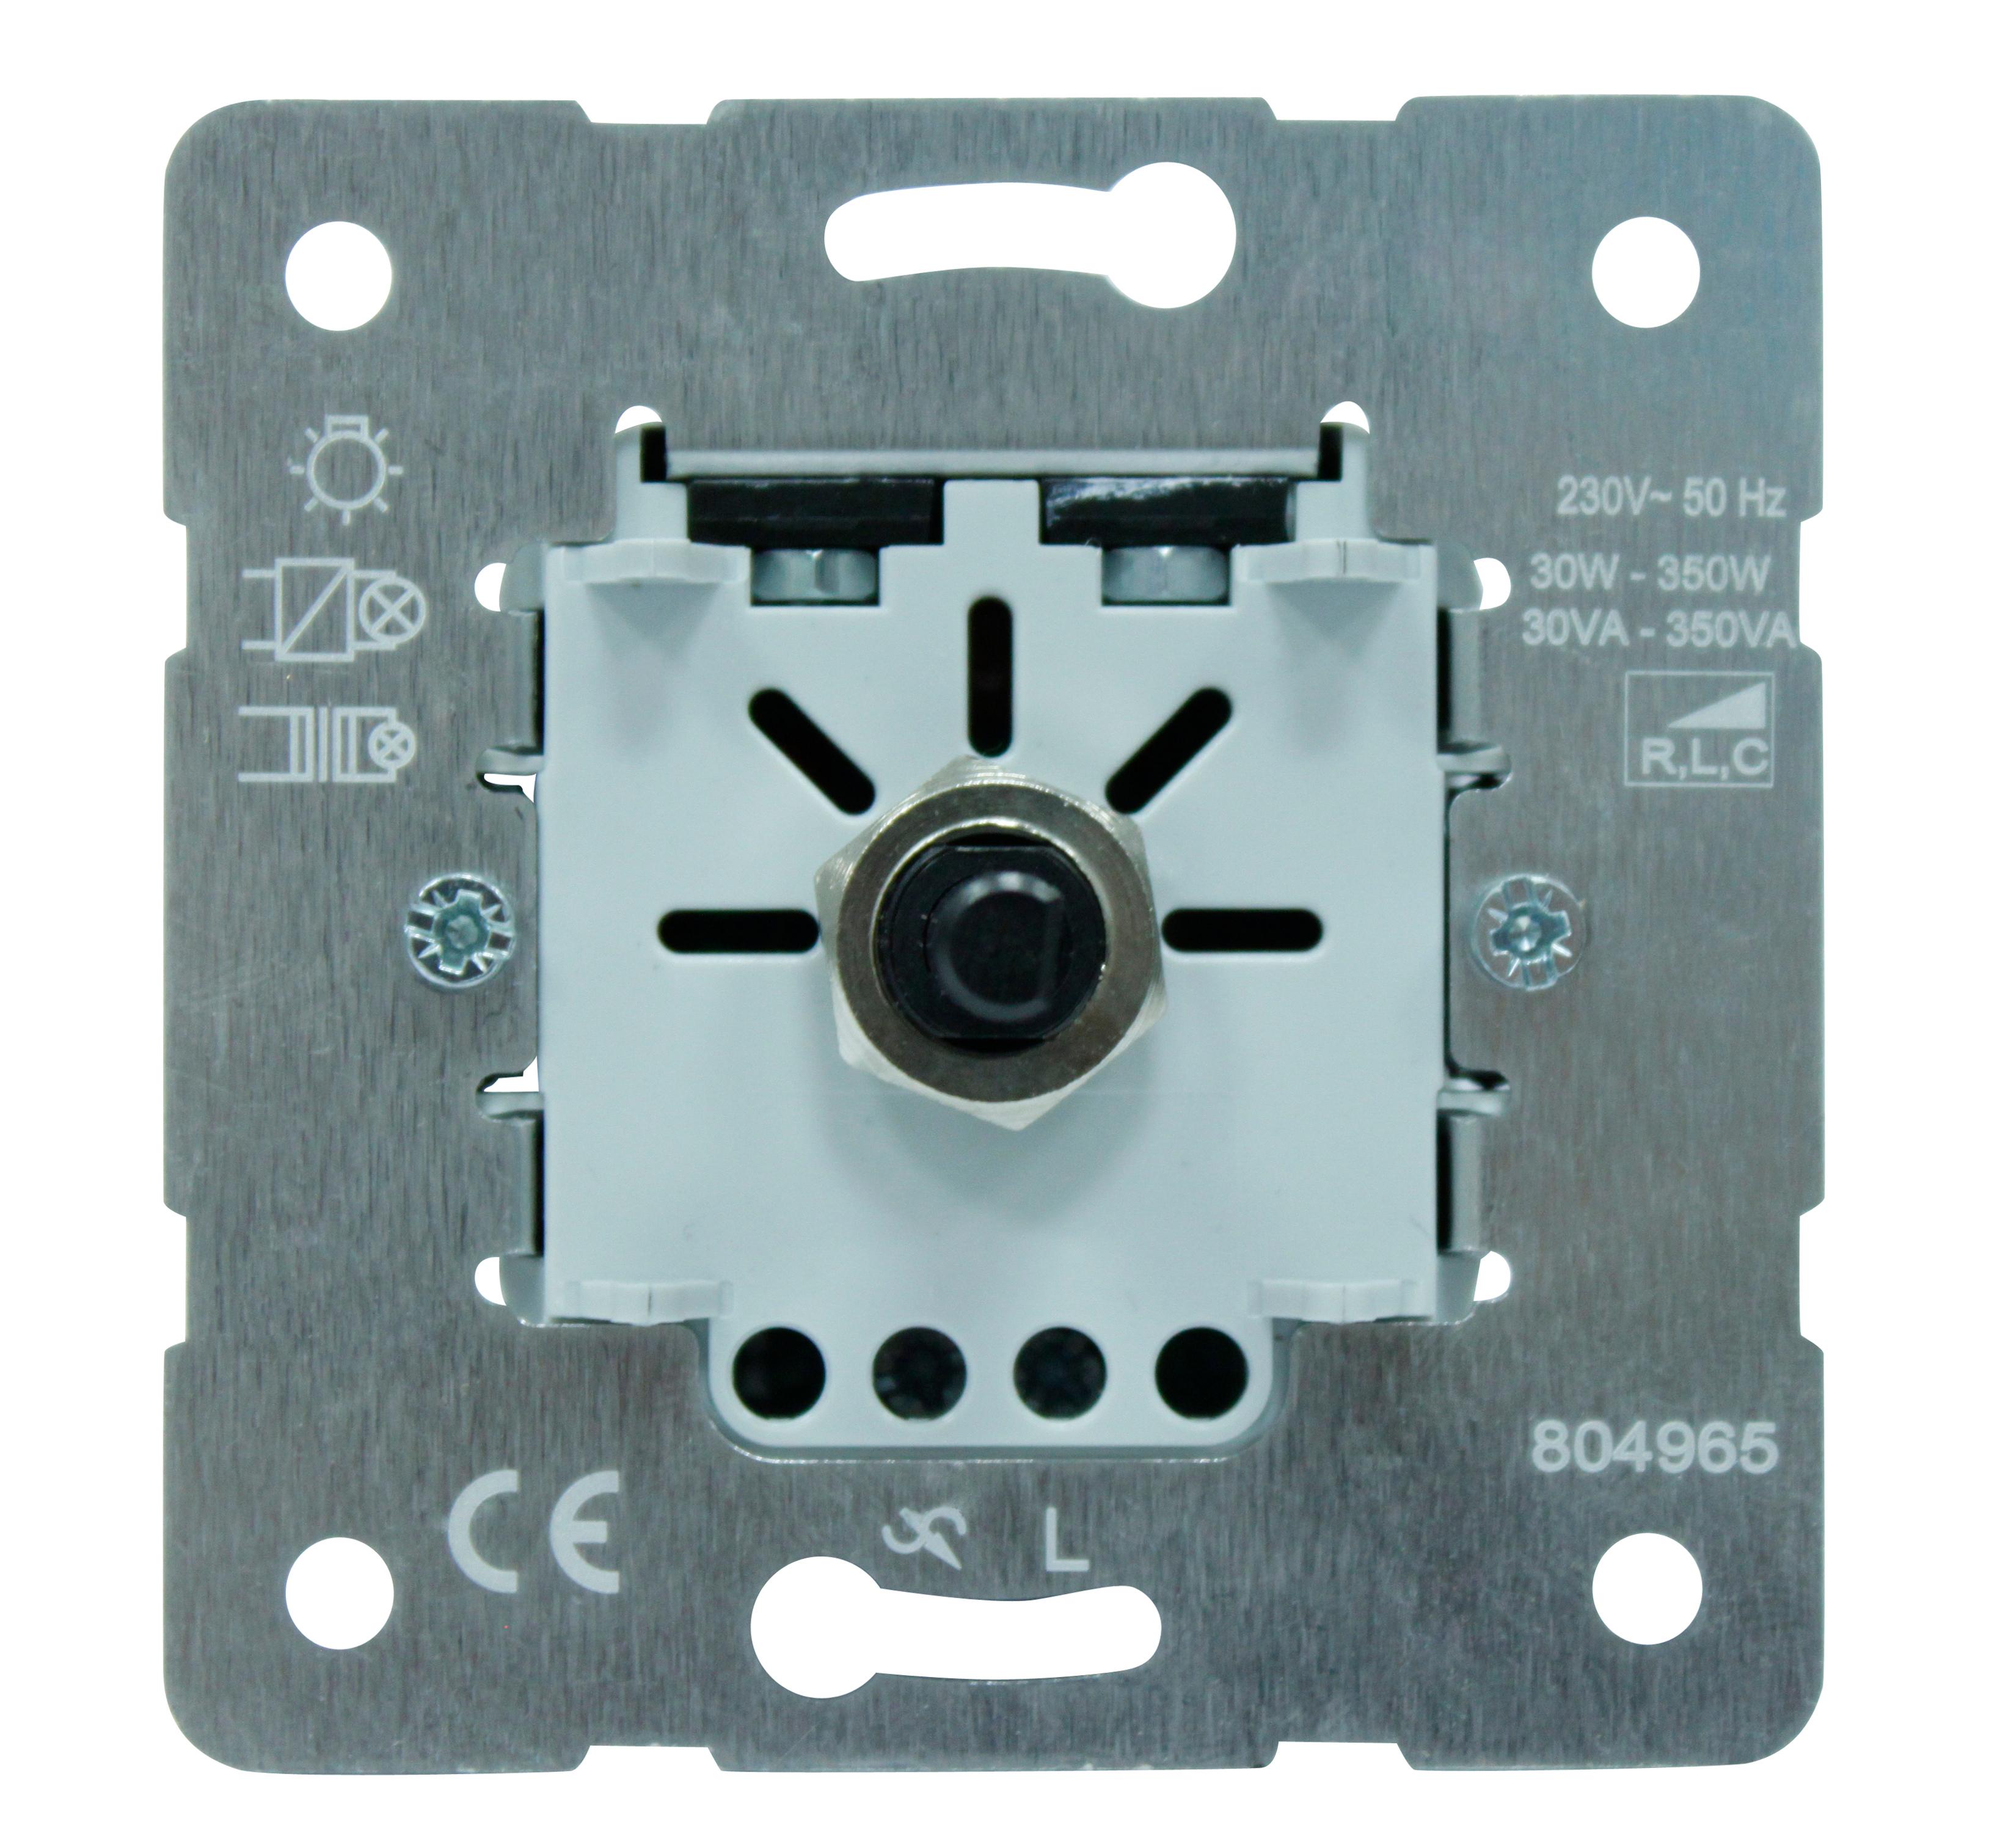 1 Stk Dimmereinsatz 20-350W/VA, RLC EV103002--